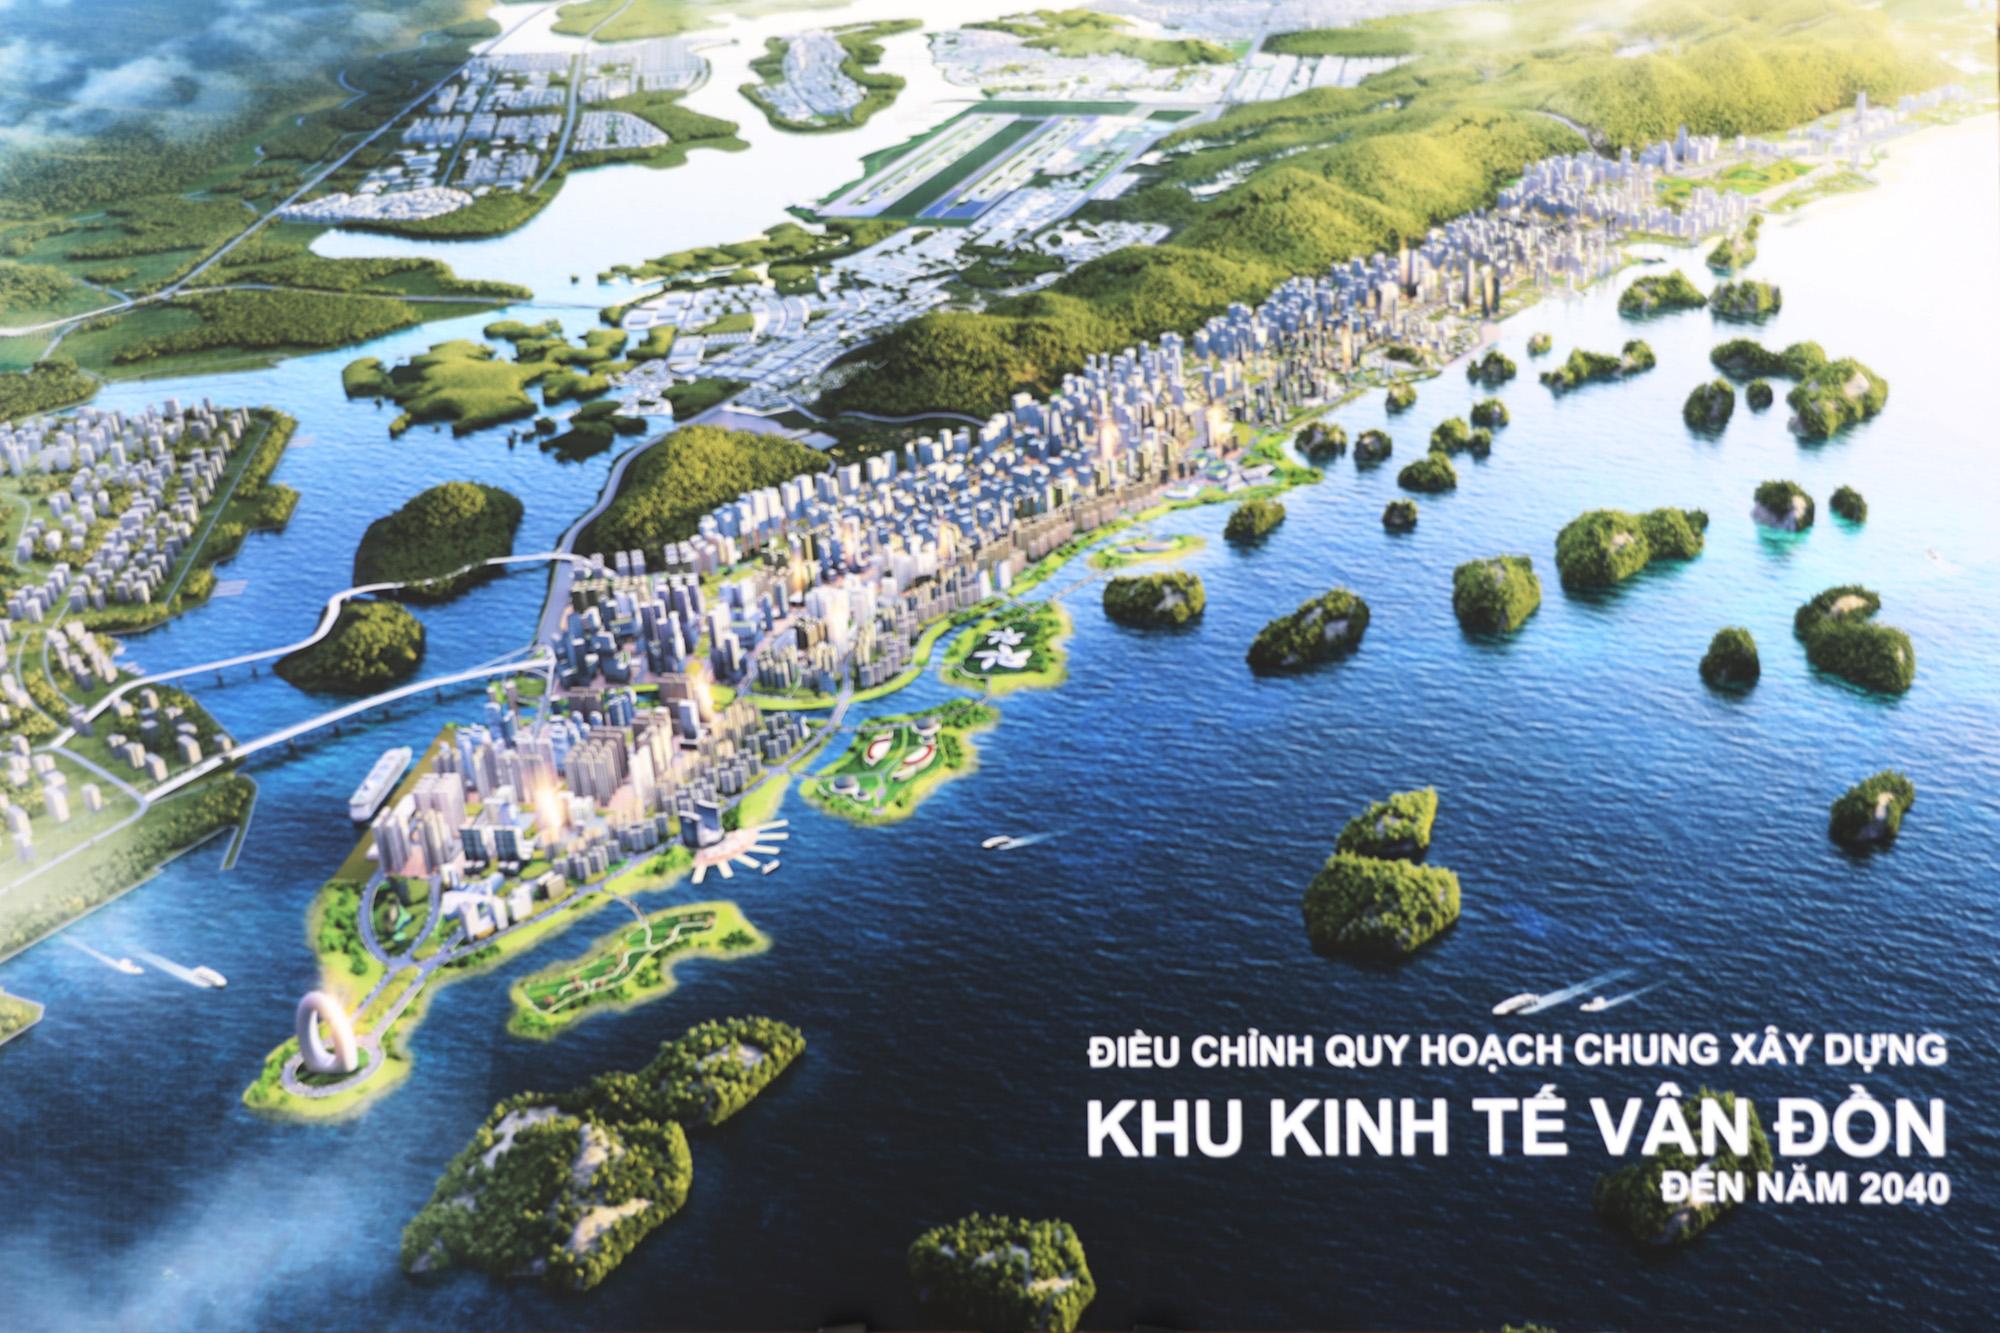 Quảng Ninh duyệt điều chỉnh quy hoạch Khu vực Đảo Ngọc Rồng hơn 1.500 ha - Ảnh 1.